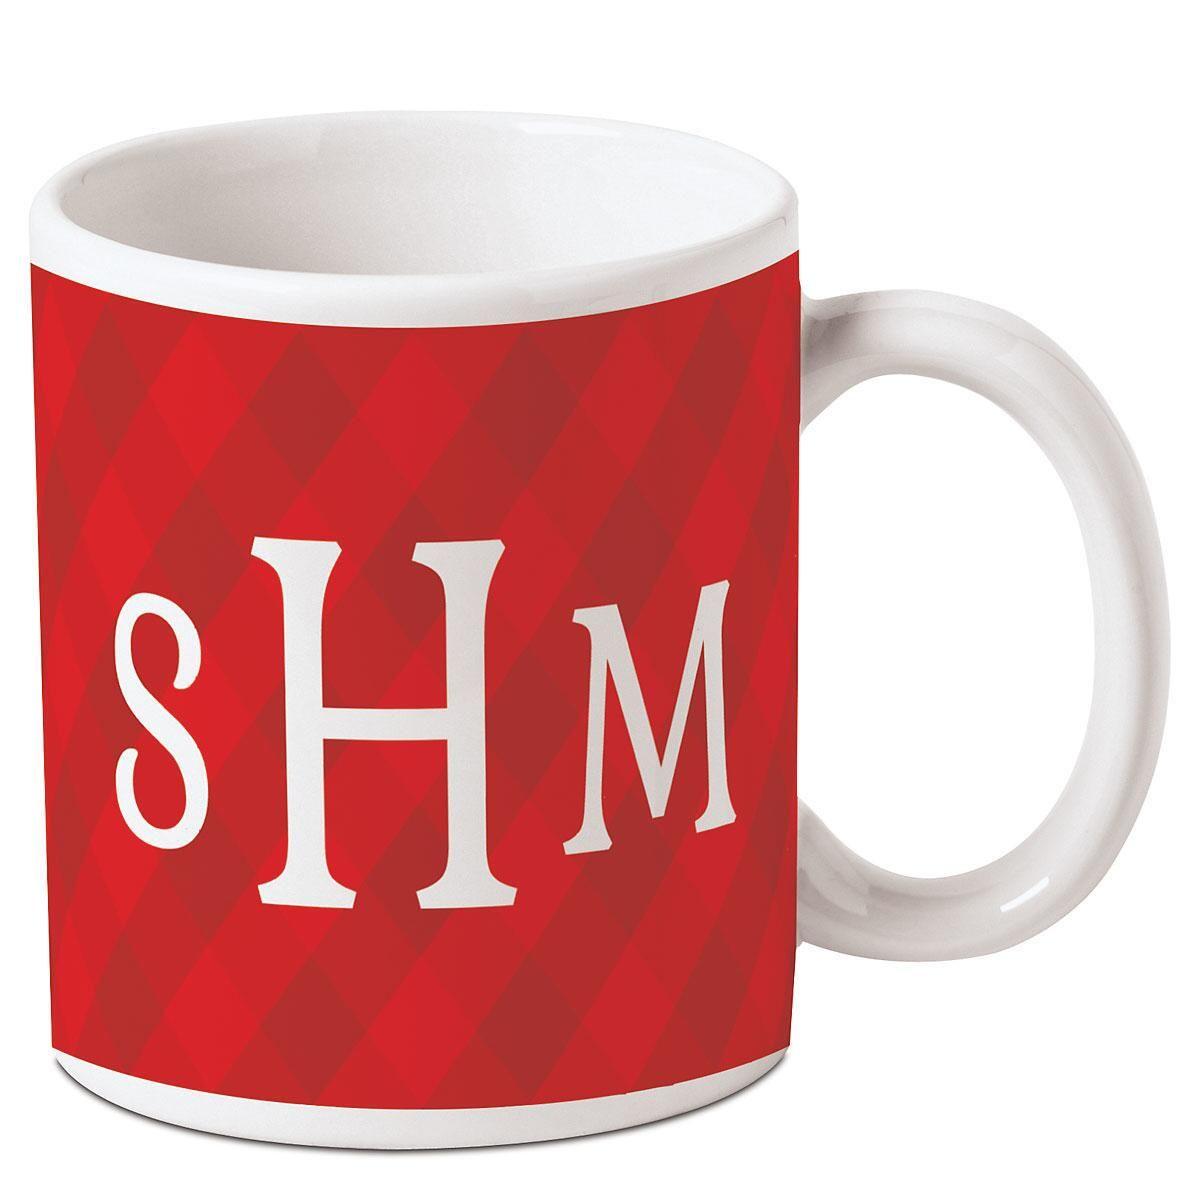 Red and White Initials Mug